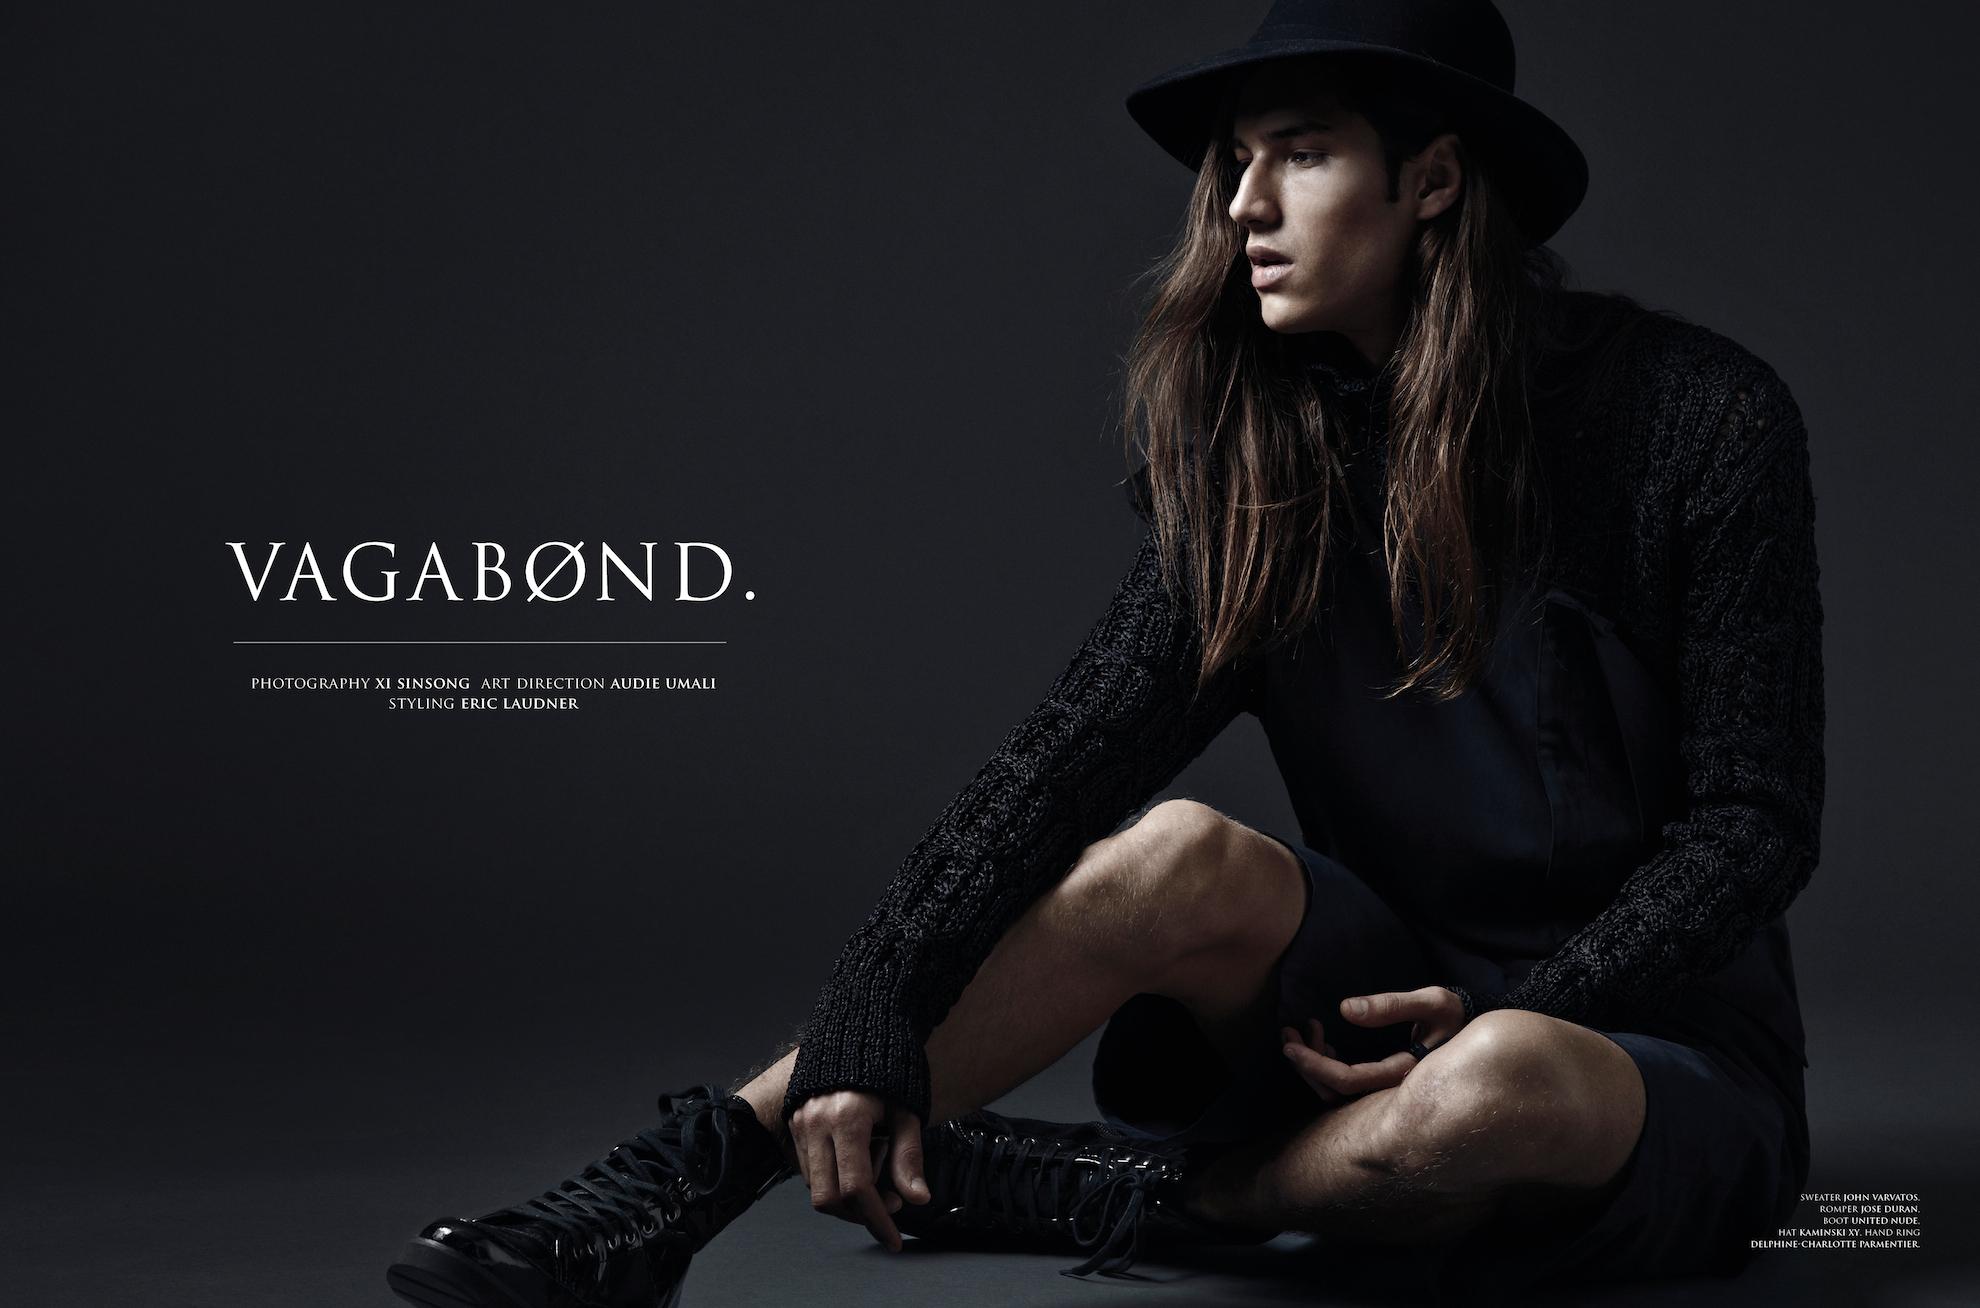 FY! Mag - VAGABOND